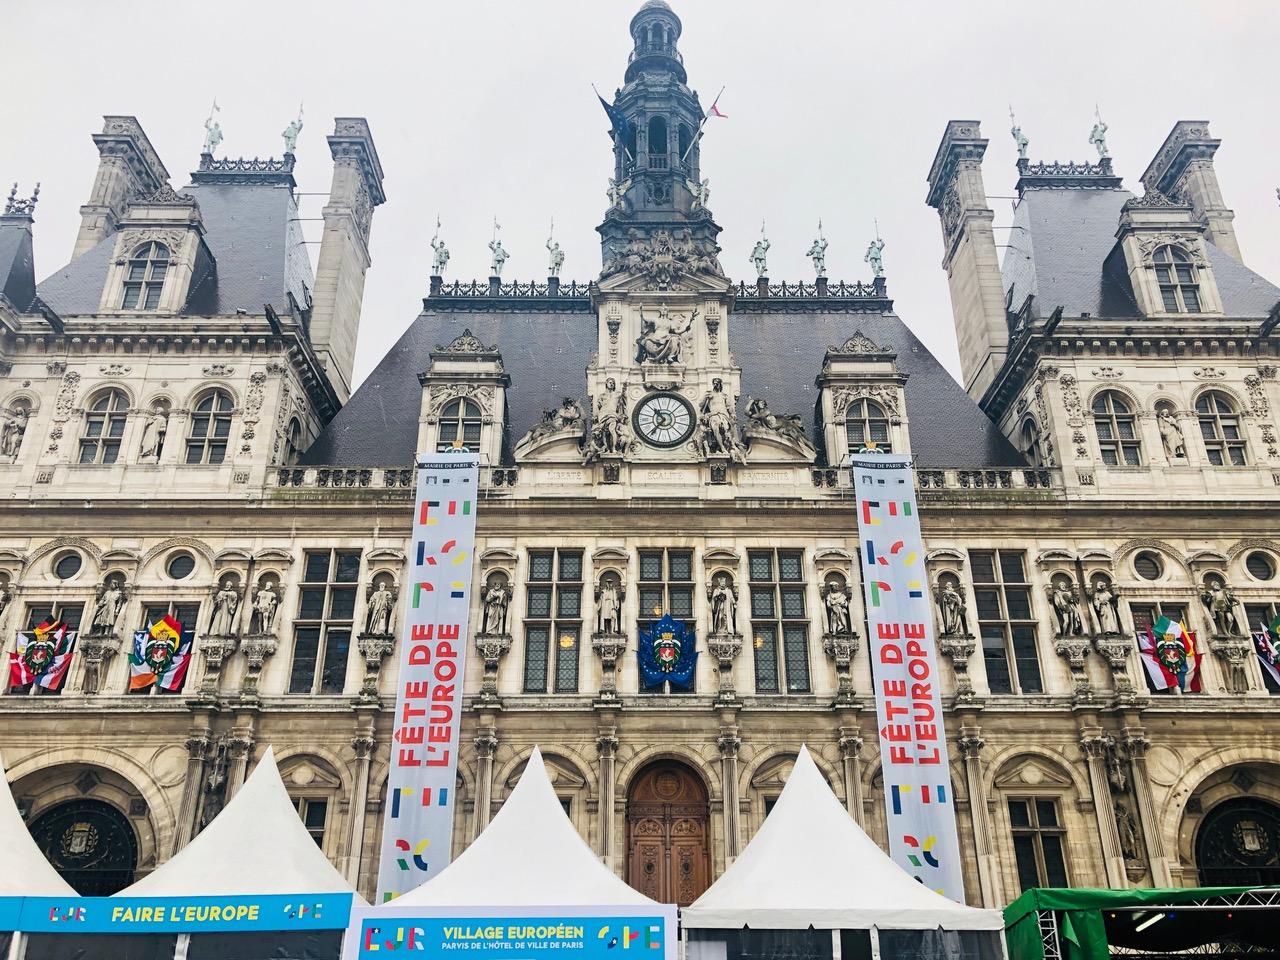 L'Hôtel de ville de Paris pour la fête de l'Europe (c)Ngh